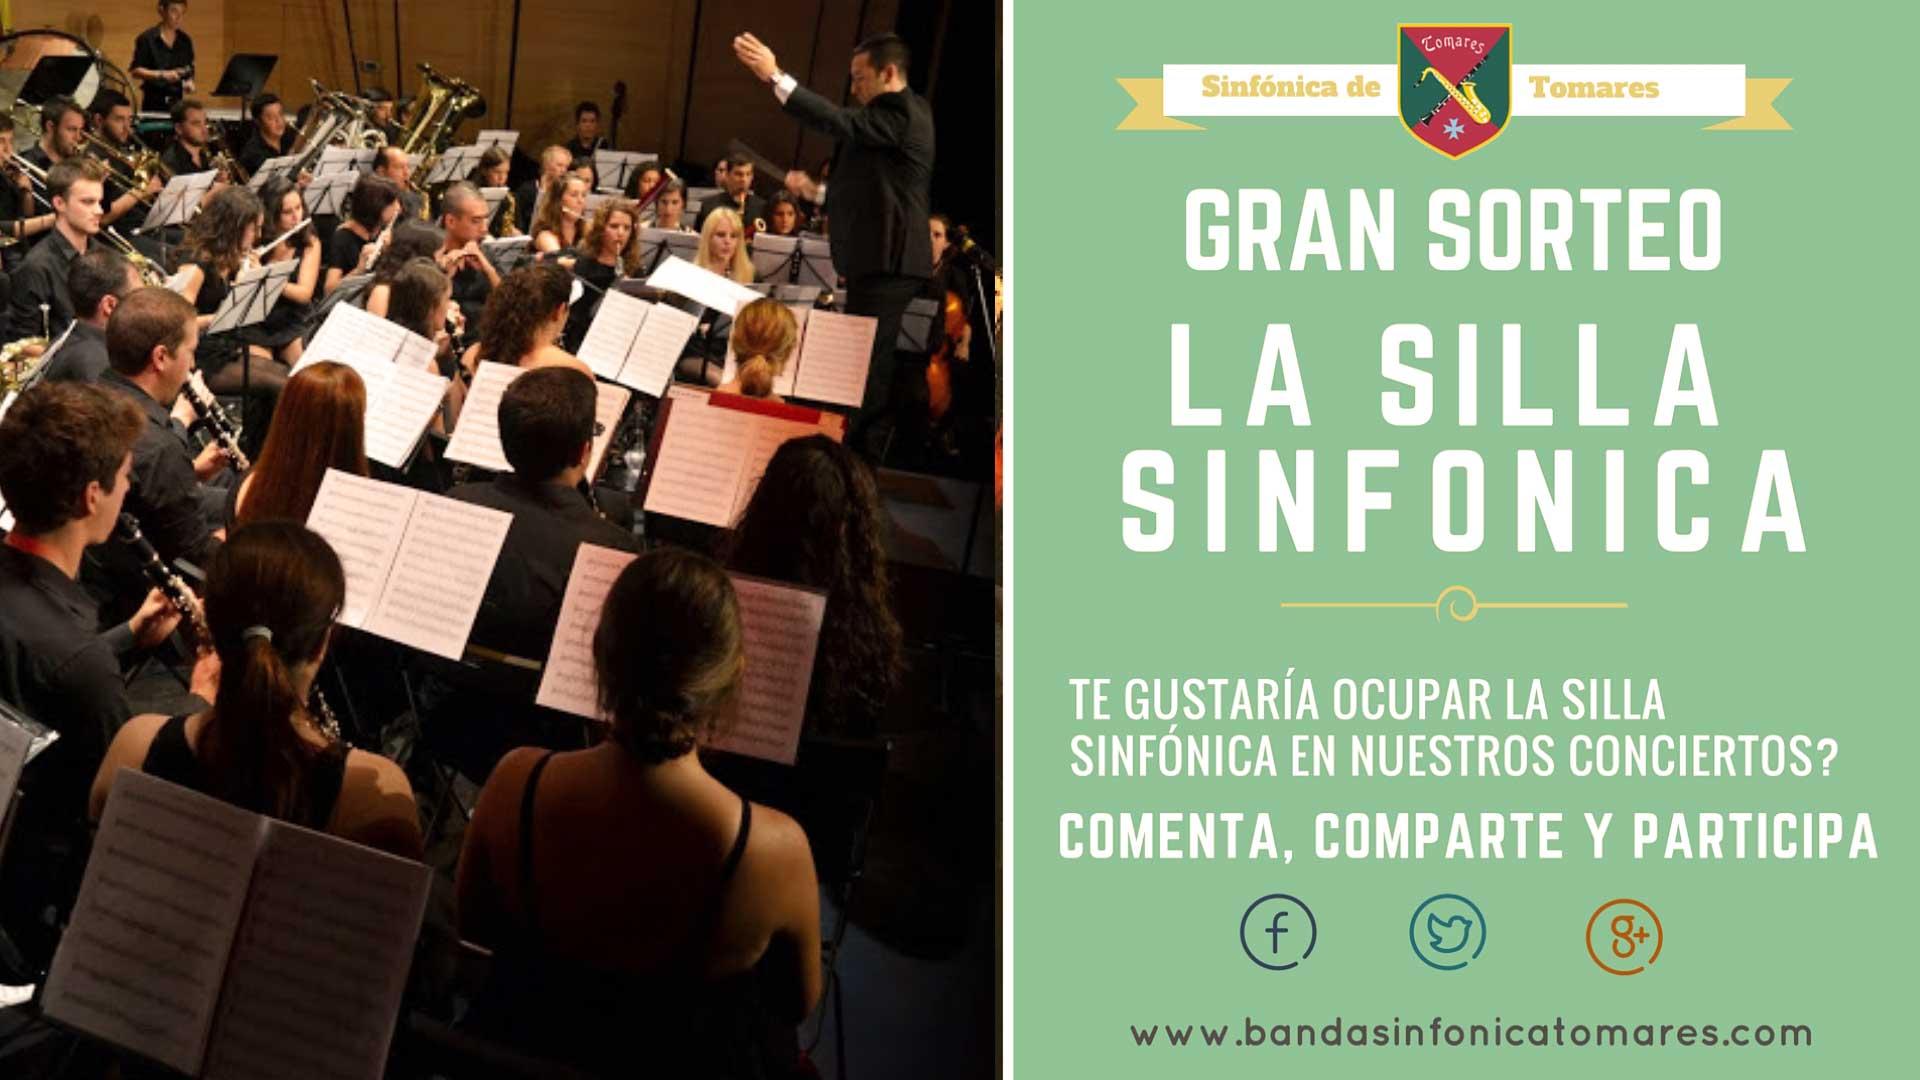 concierto-Gran-reserva-puro-espectaculo-banda-sinfonica-tomares